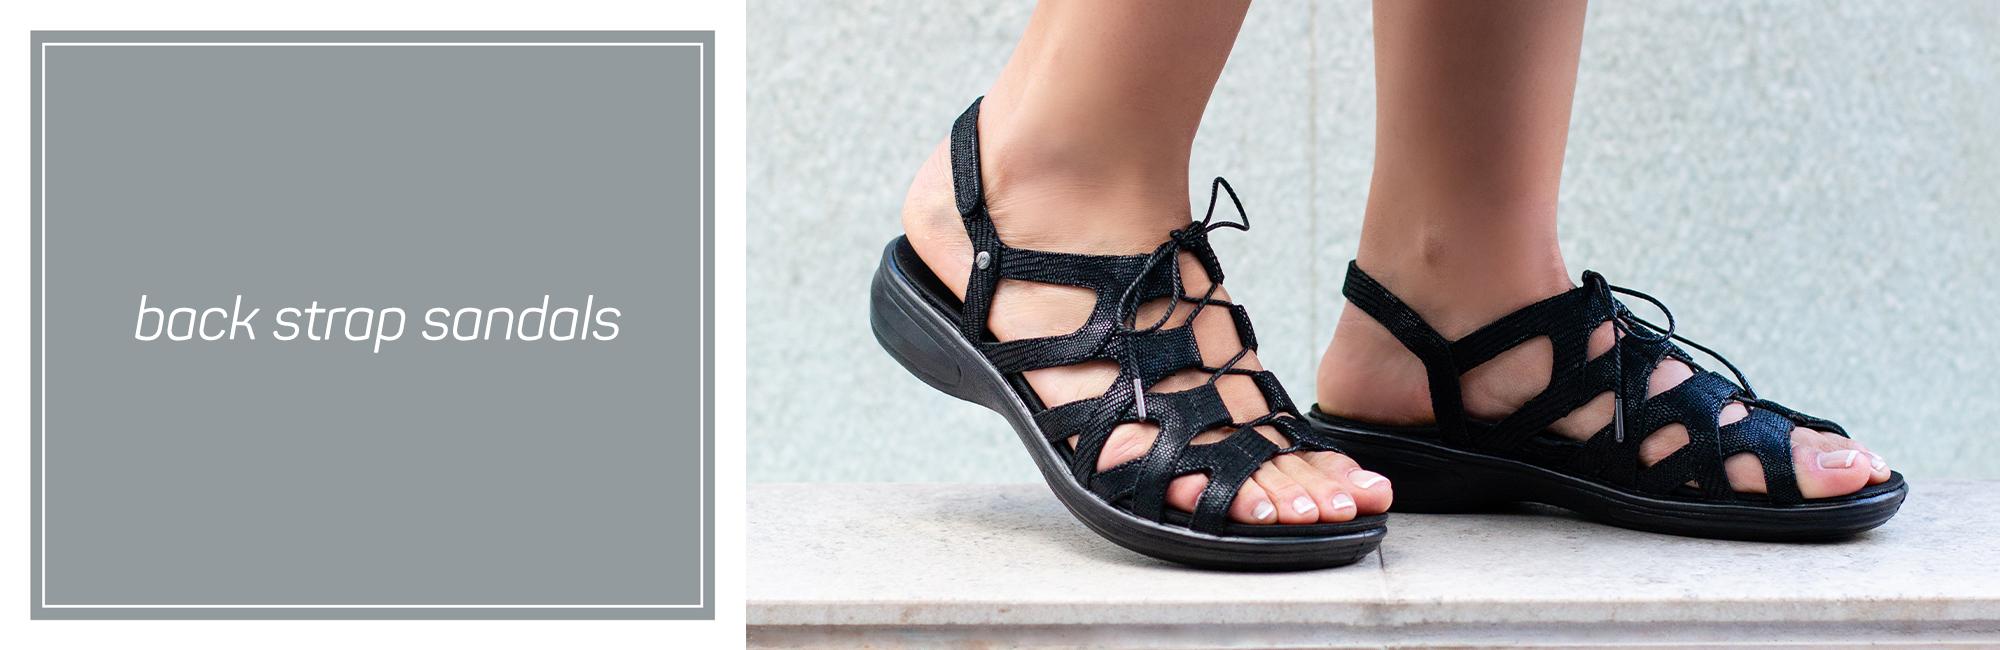 Back Strap Sandals